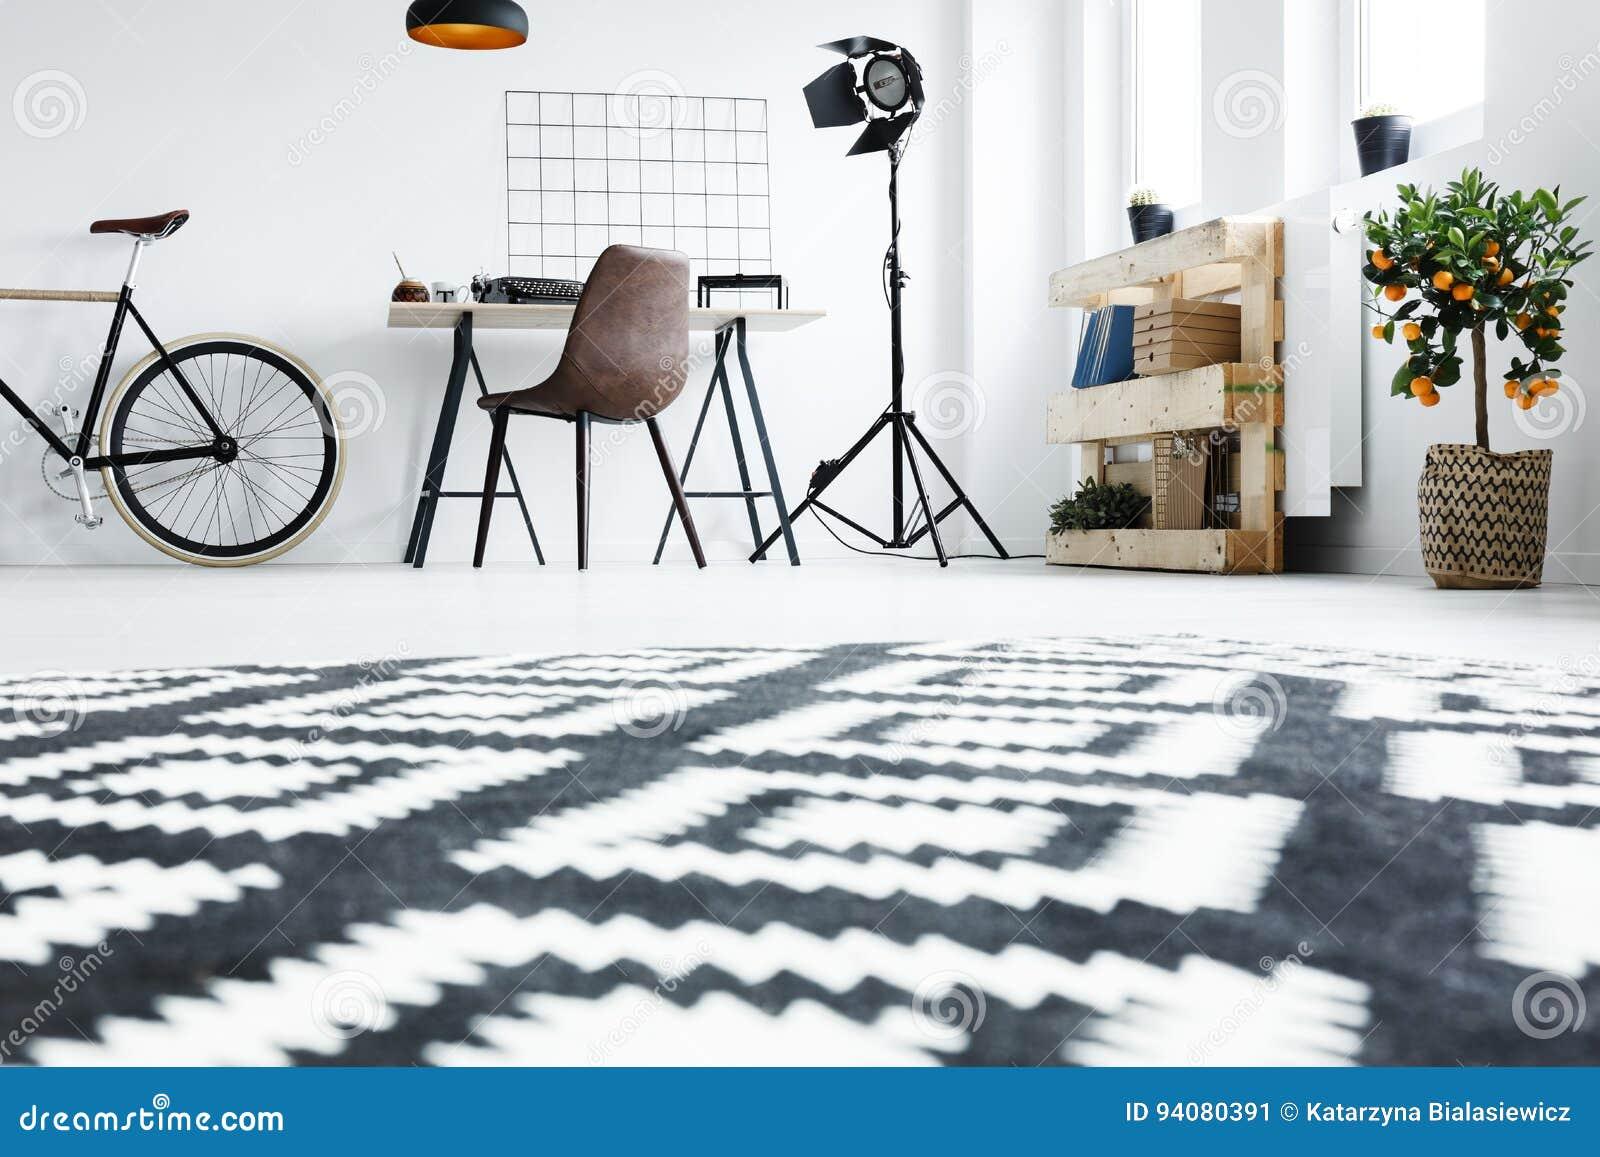 Tapijt Zwart Wit : Zwart wit tapijt in ruimte stock afbeelding afbeelding bestaande